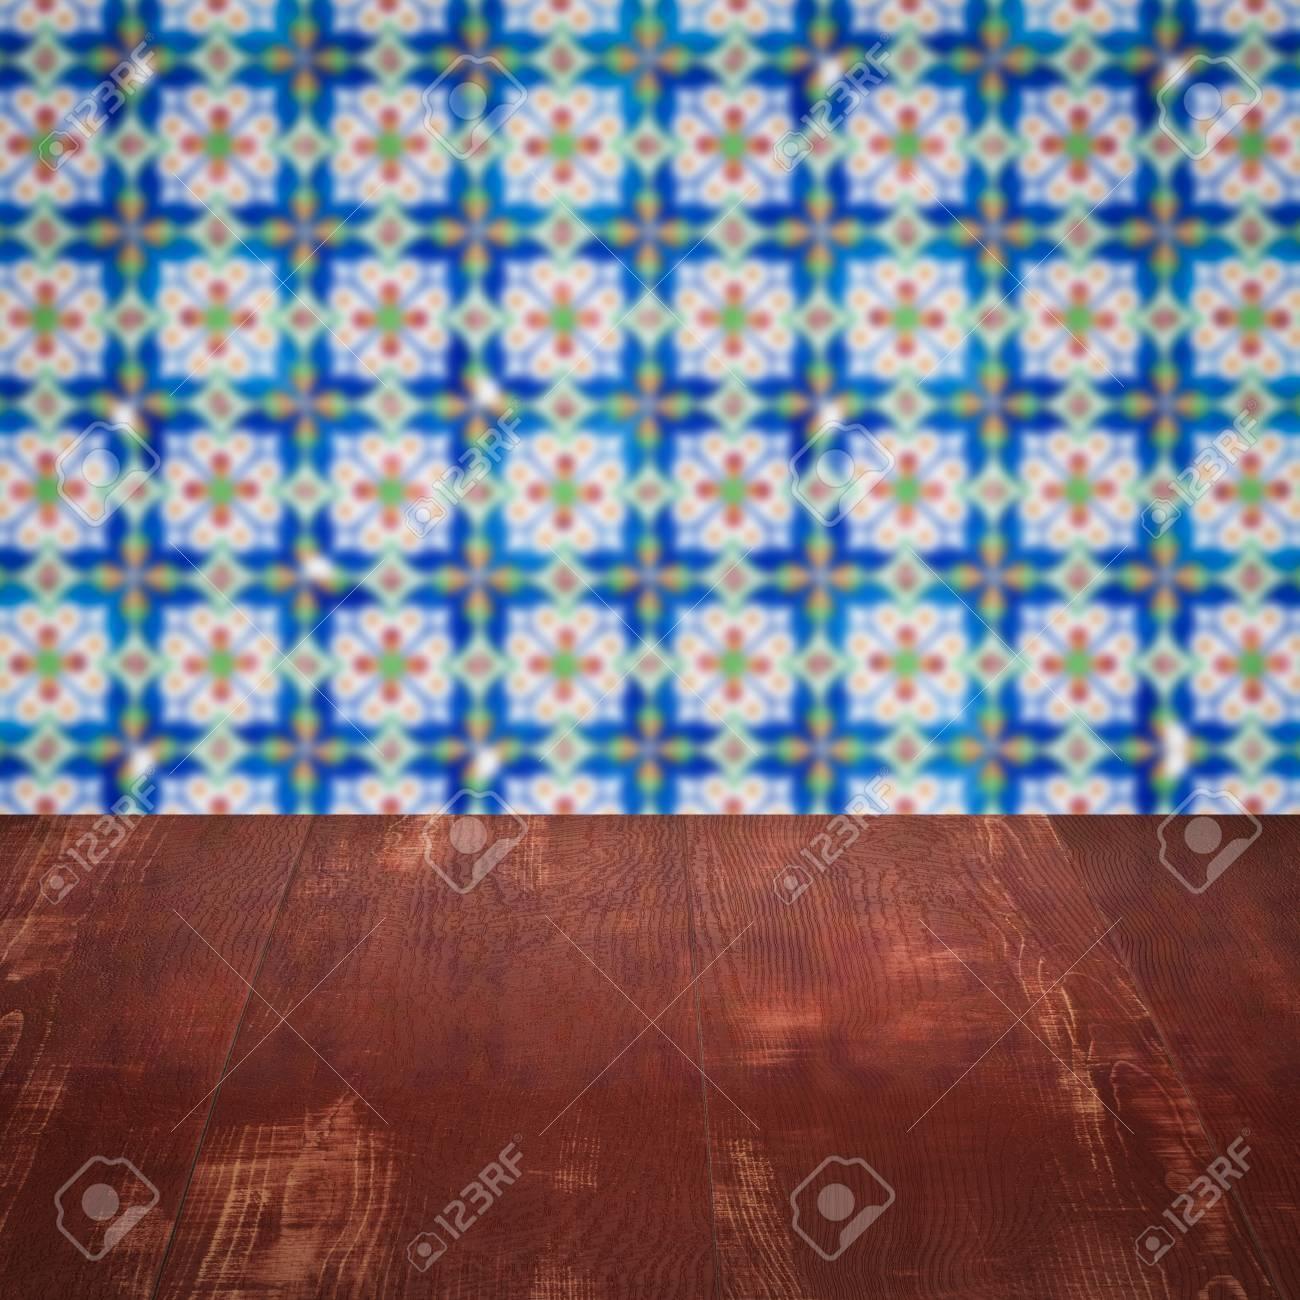 Künstlerisch Muster Wand Foto Von Leere Holztischplatte Und Unschärfe Vintage-fliesen Im Hintergrund,